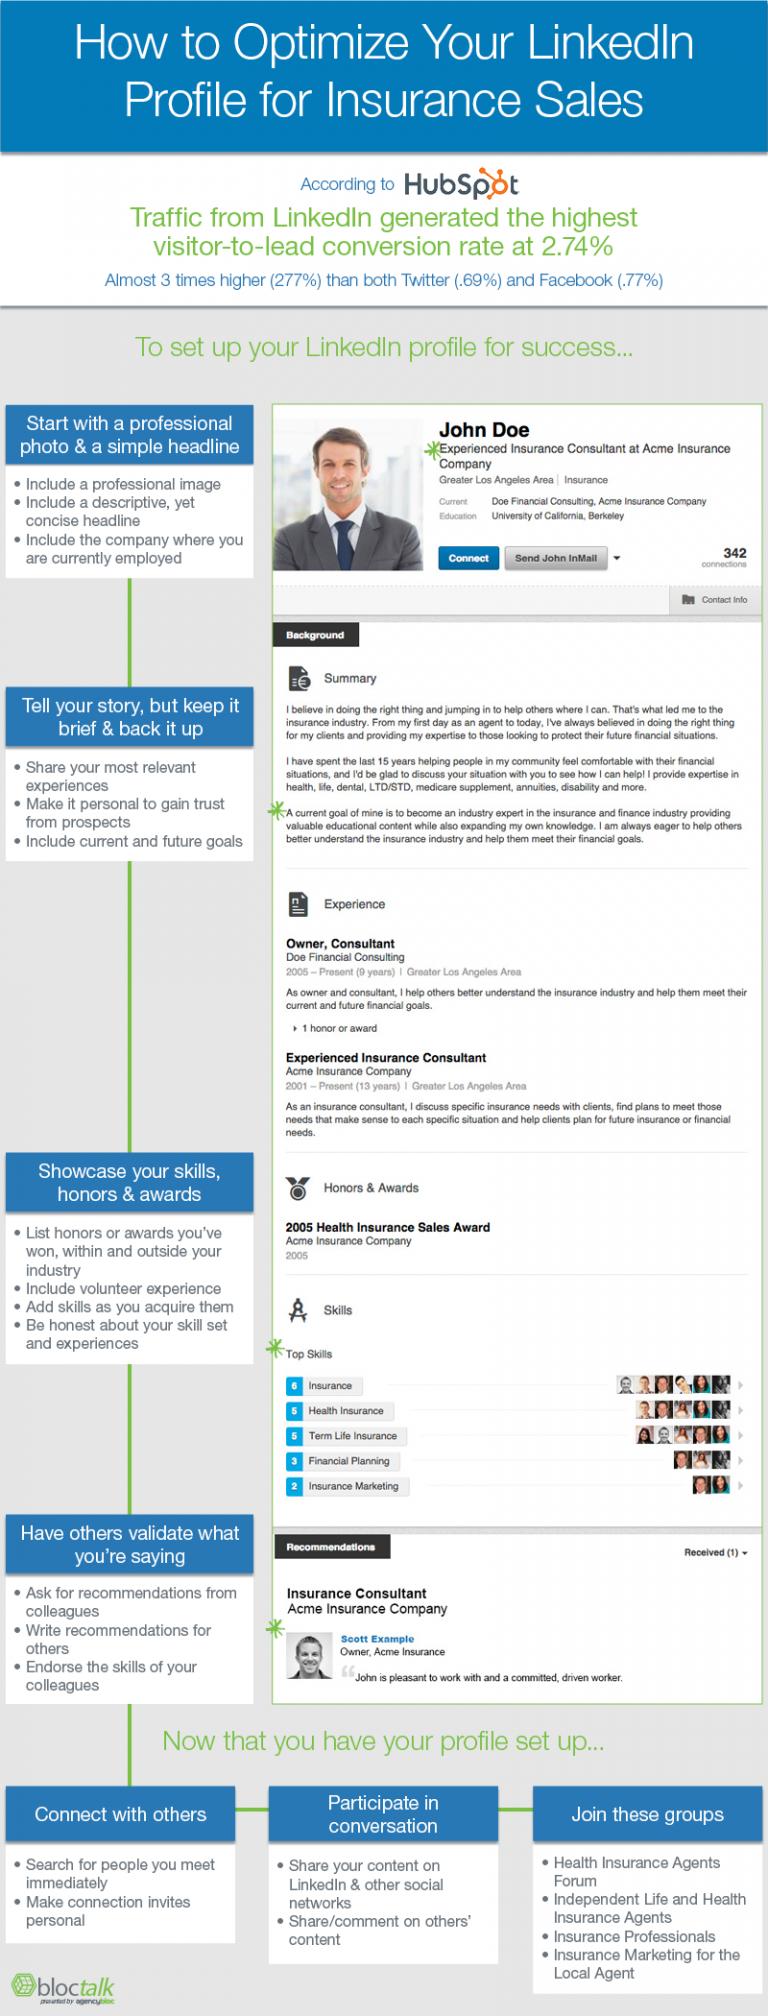 Les 7 Erreurs A Ne Surtout Pas Commettre Dans Votre Profil Linkedin Profil 7 Erreurs Astuces